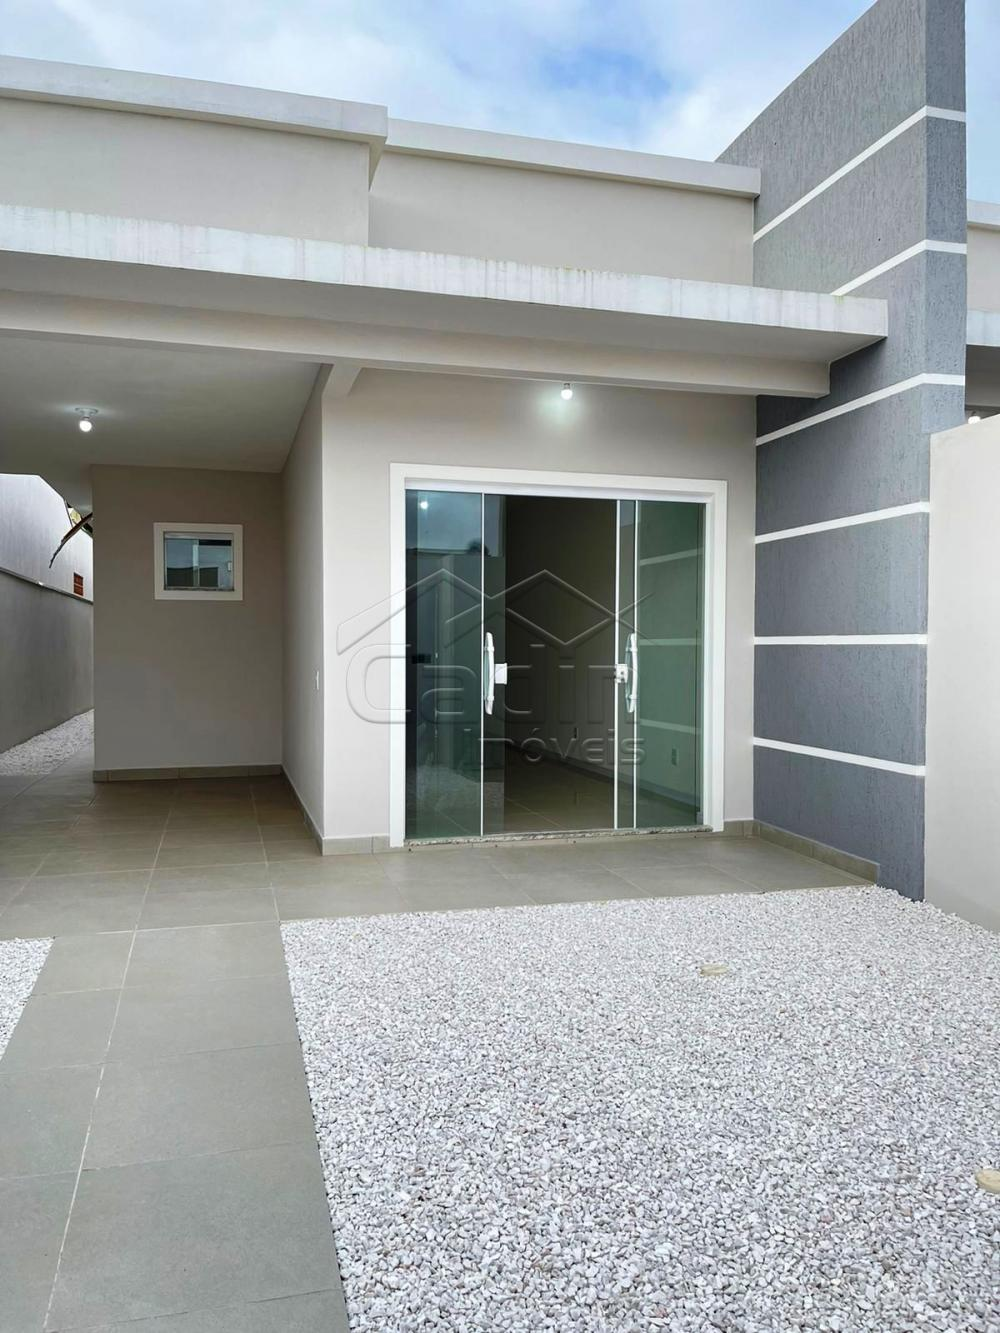 Comprar Casa / Geminada em Navegantes R$ 385.000,00 - Foto 1